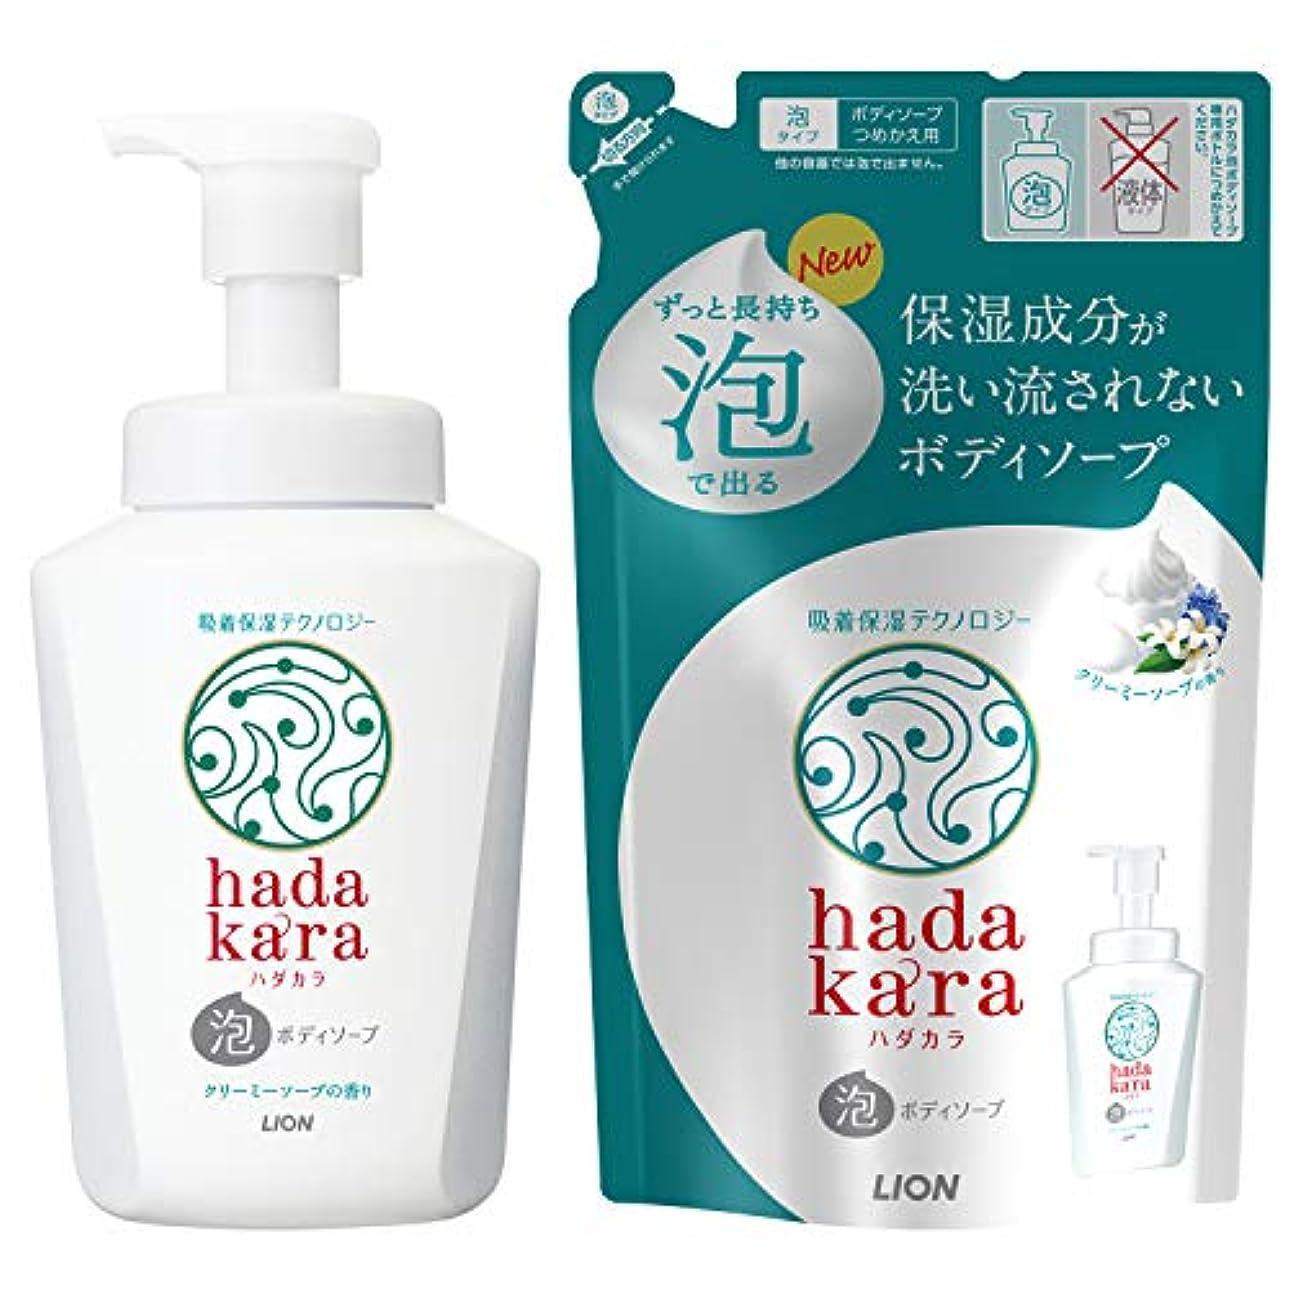 創始者月曜枠hadakara(ハダカラ) ボディソープ 泡タイプ クリーミーソープの香り 本体550ml+詰替440ml